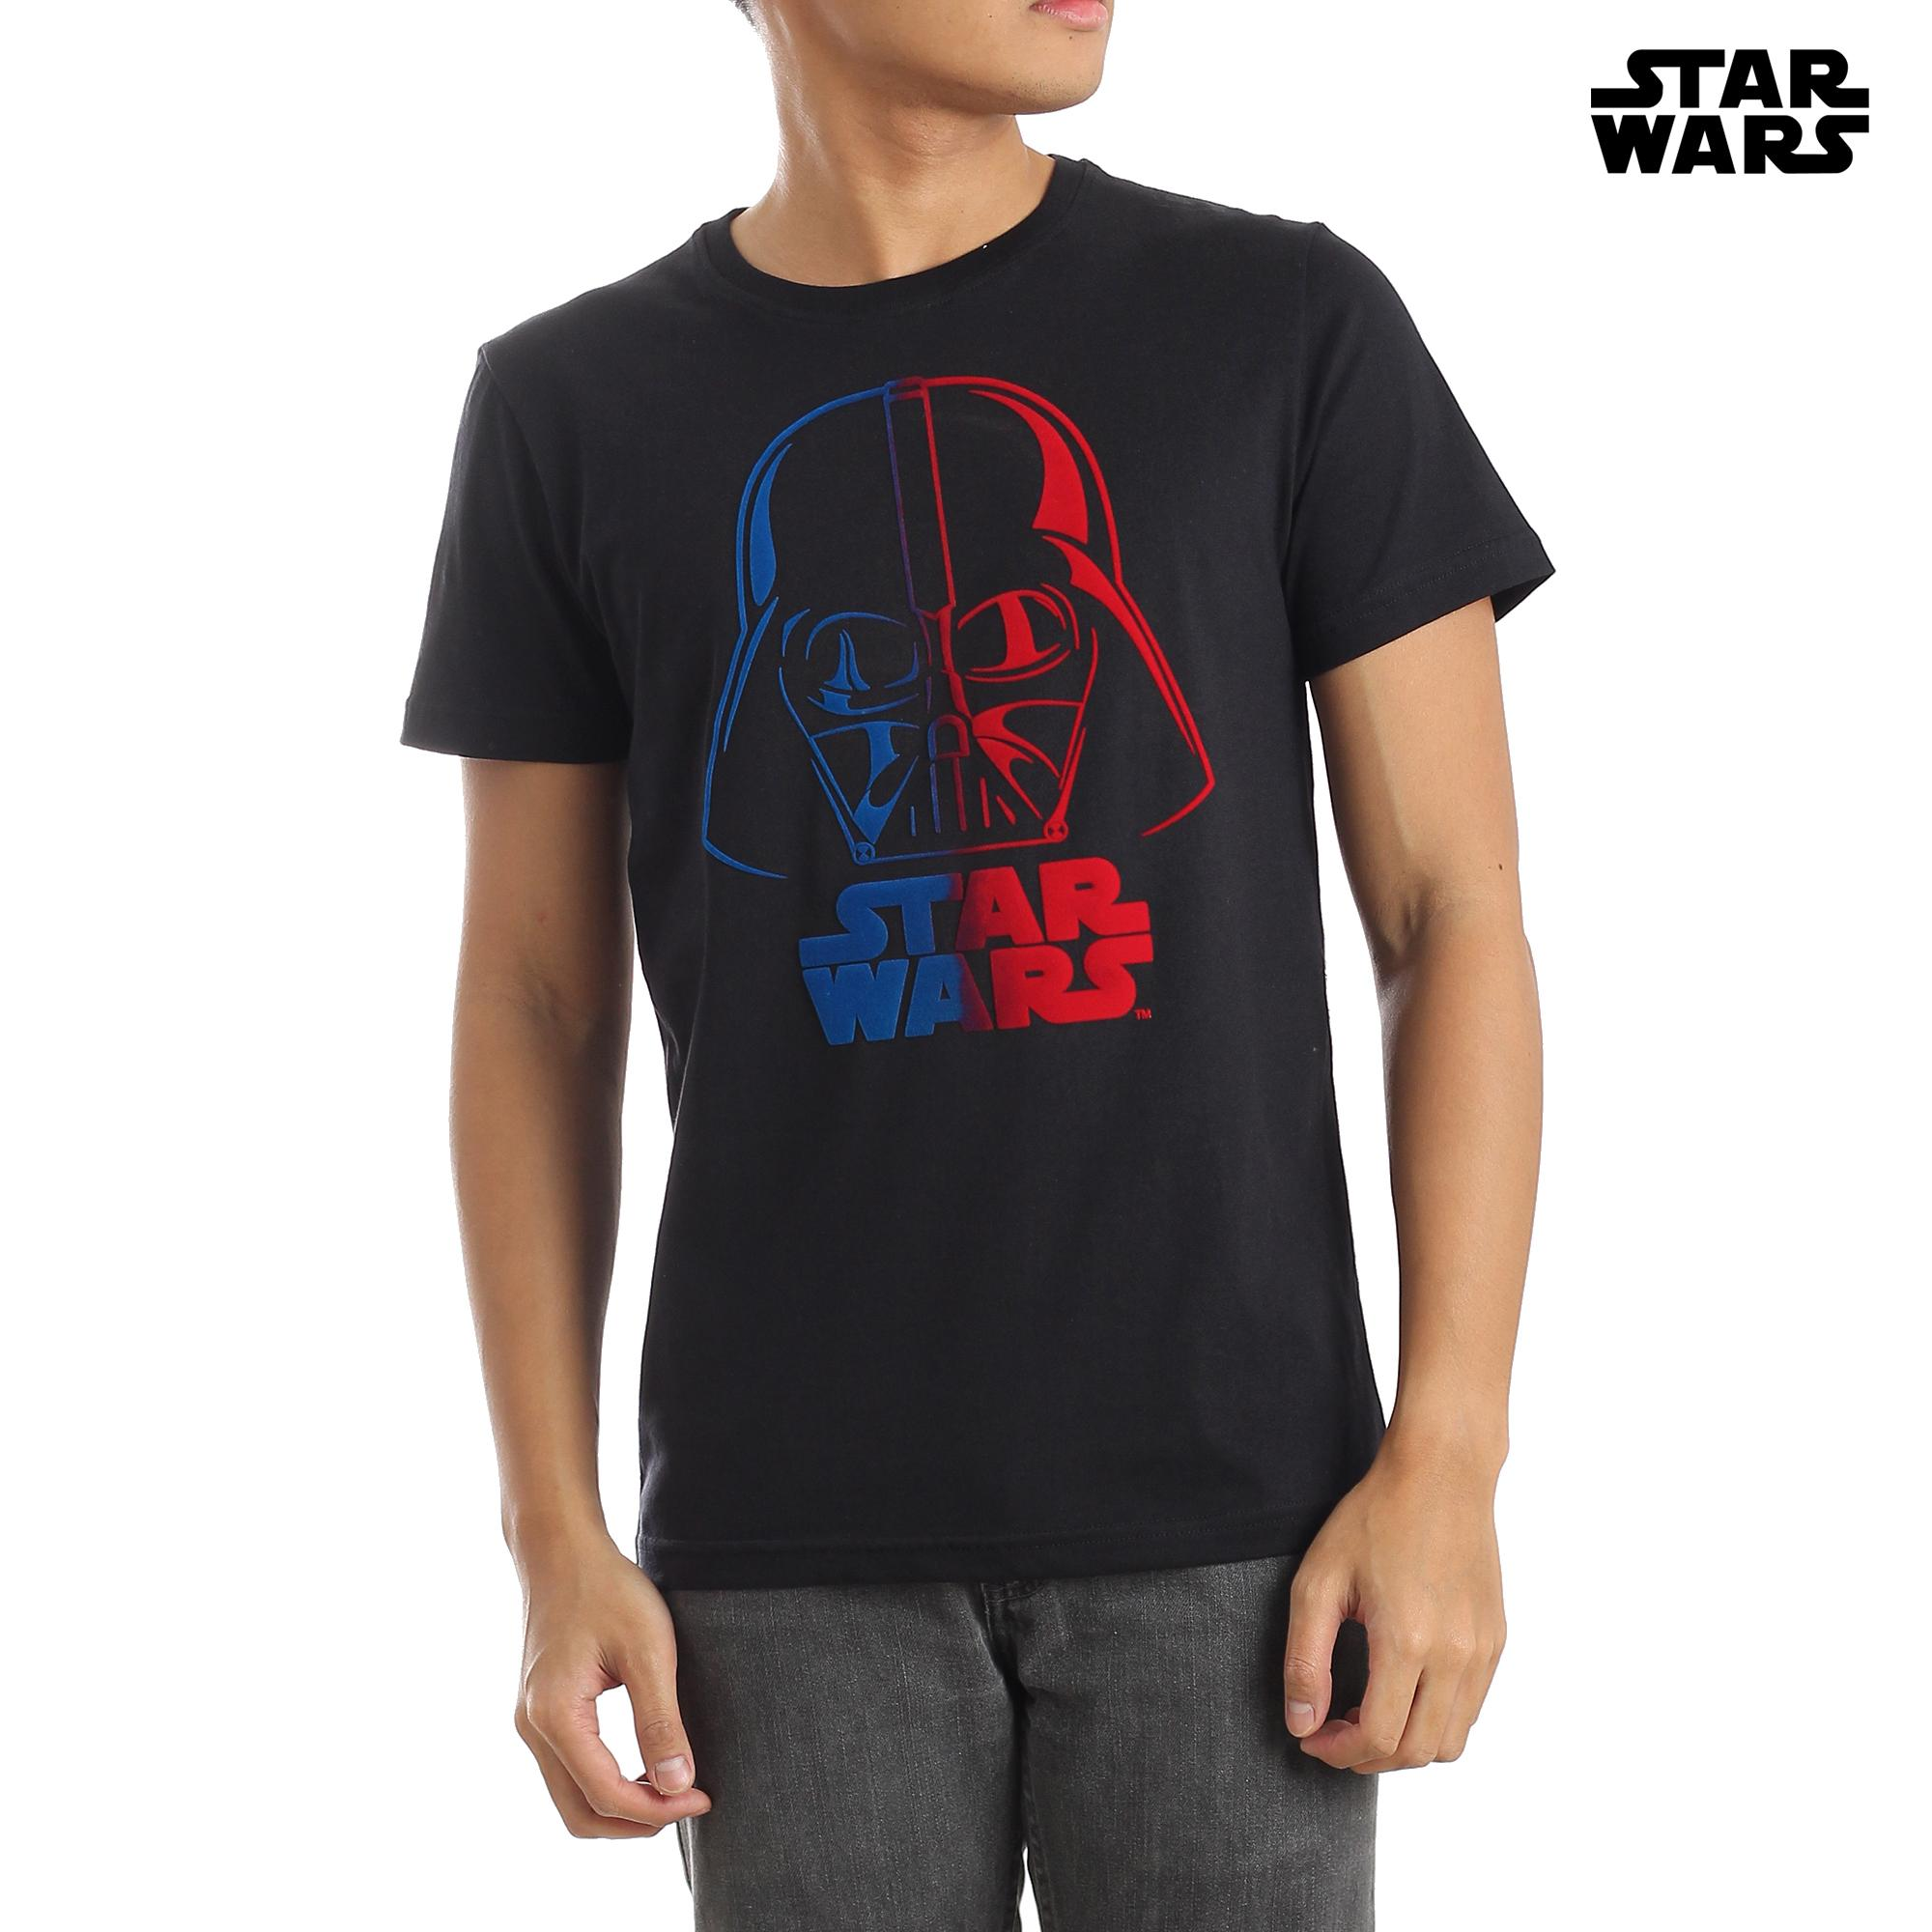 3a5c5707fb Star Wars Philippines  Star Wars price list - Toy